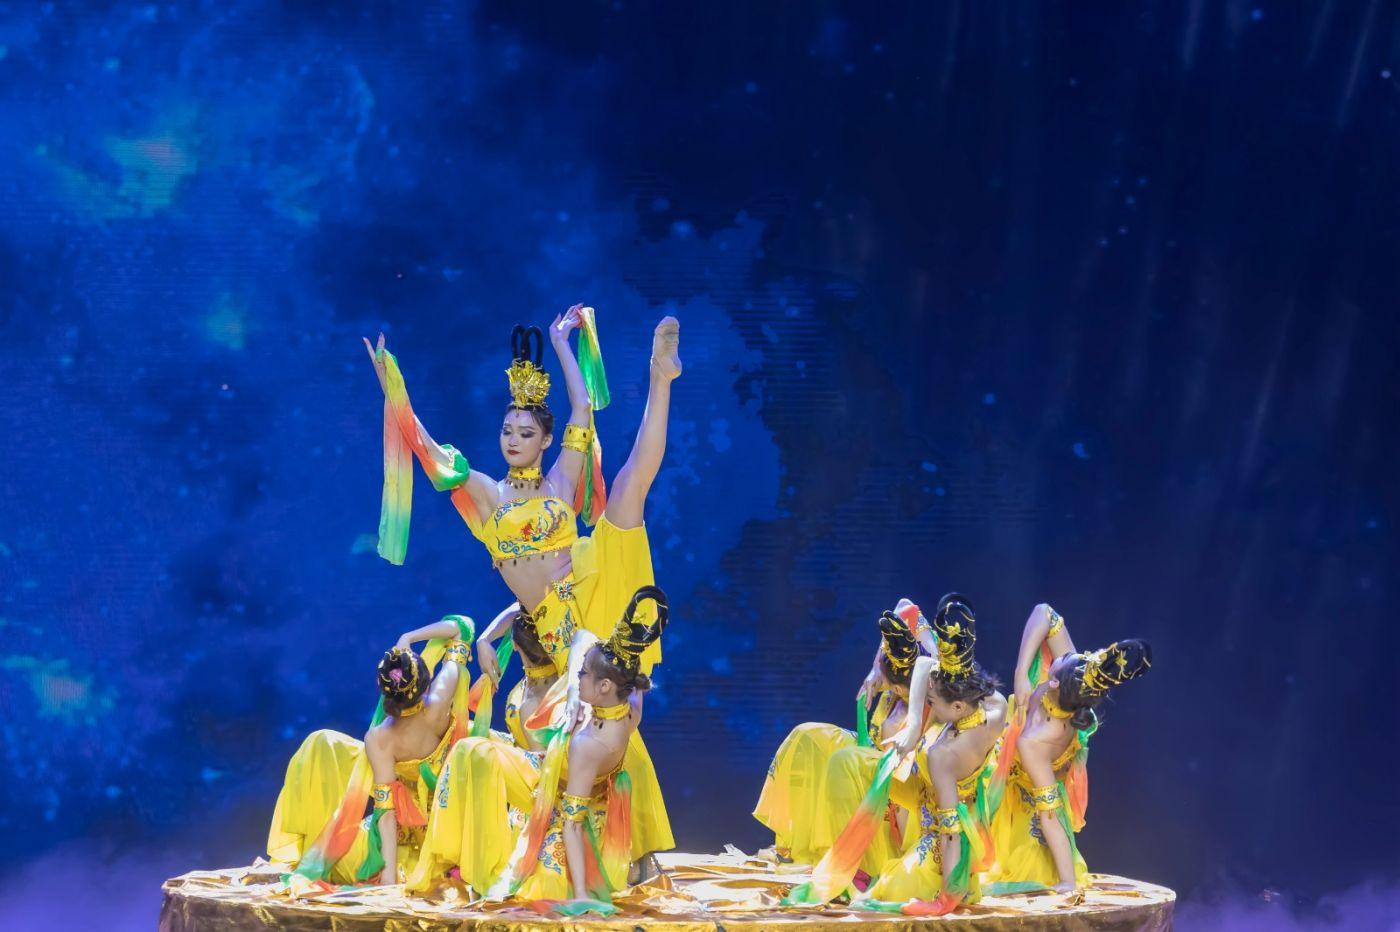 沂蒙大地上 有一种舞蹈叫飞天 这是几位临沂女孩的杰作 美轮美奂 ..._图1-19